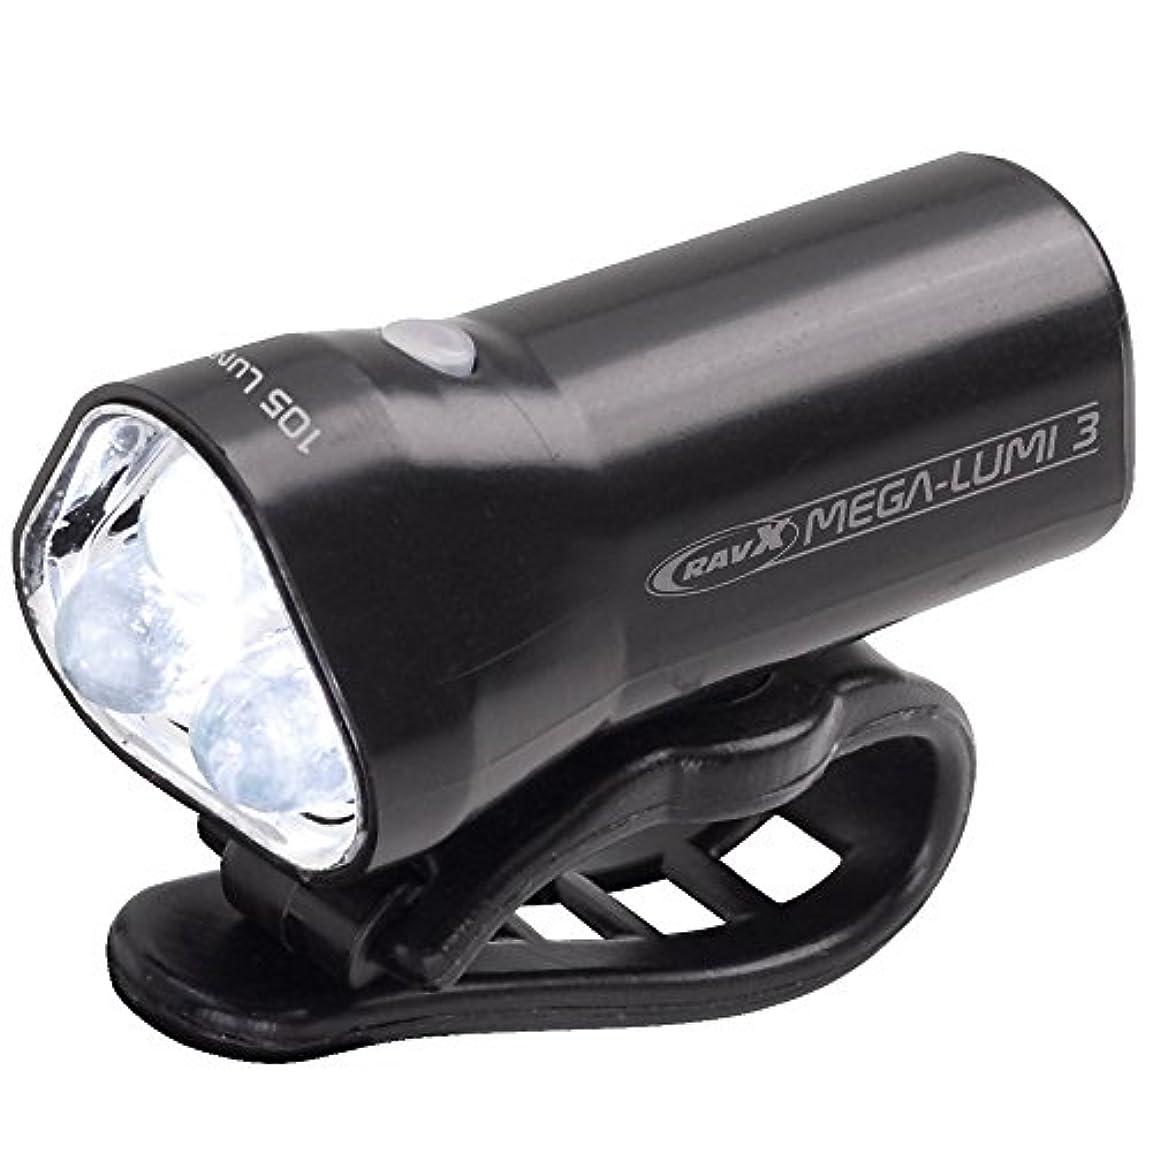 コア差し引く写真を撮るRavX Mega Lumi 3 White/Black 3 Mode Rechargeable Front Light by RavX